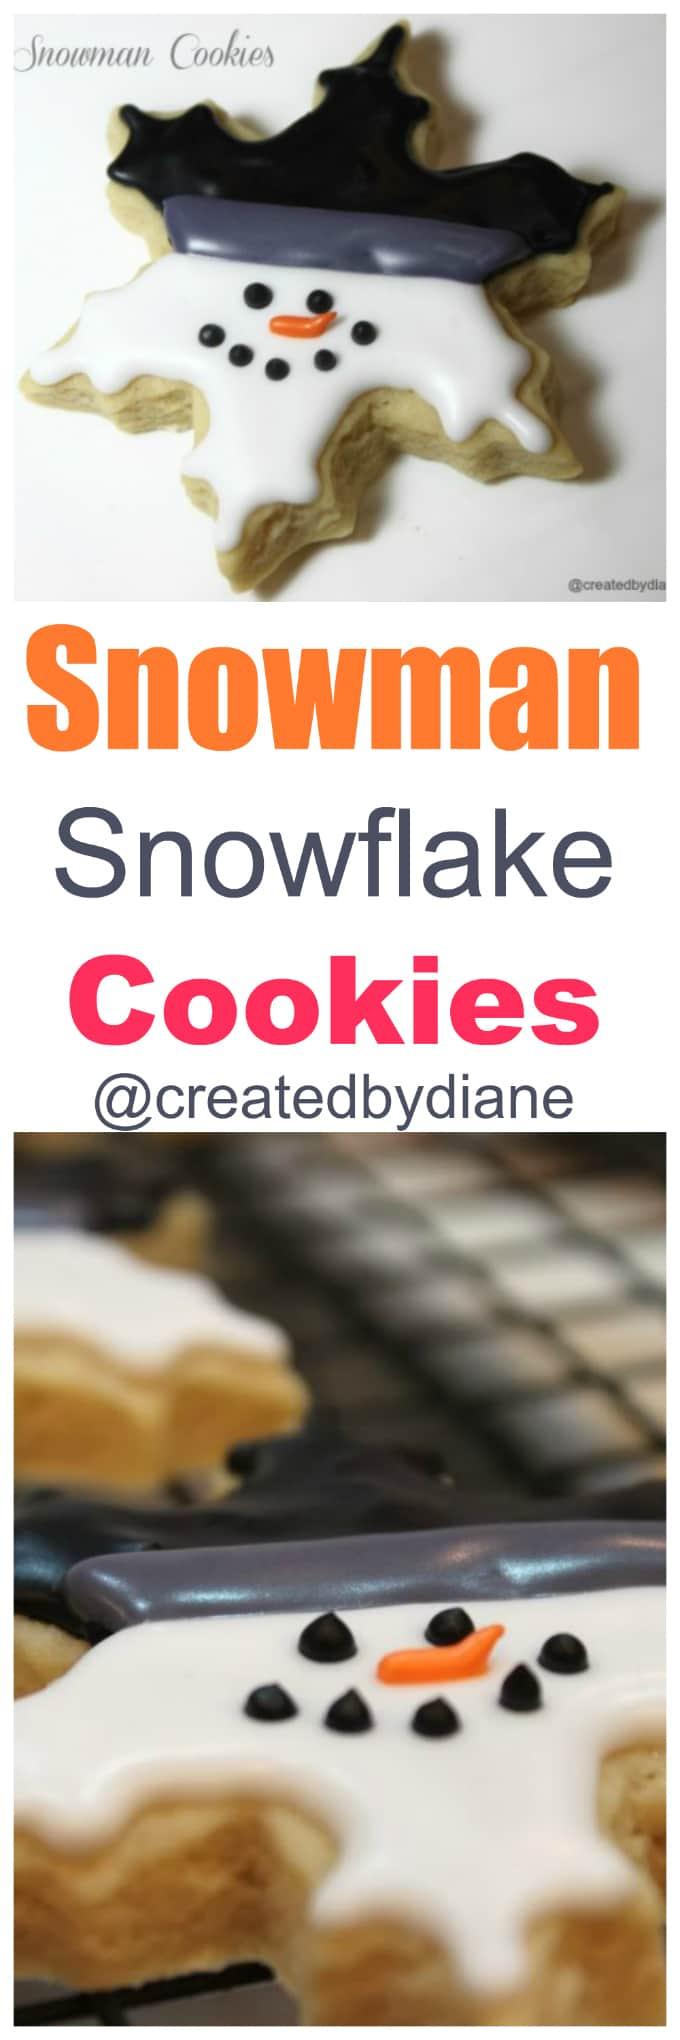 snowman-snowflake-cookies-createdbydiane